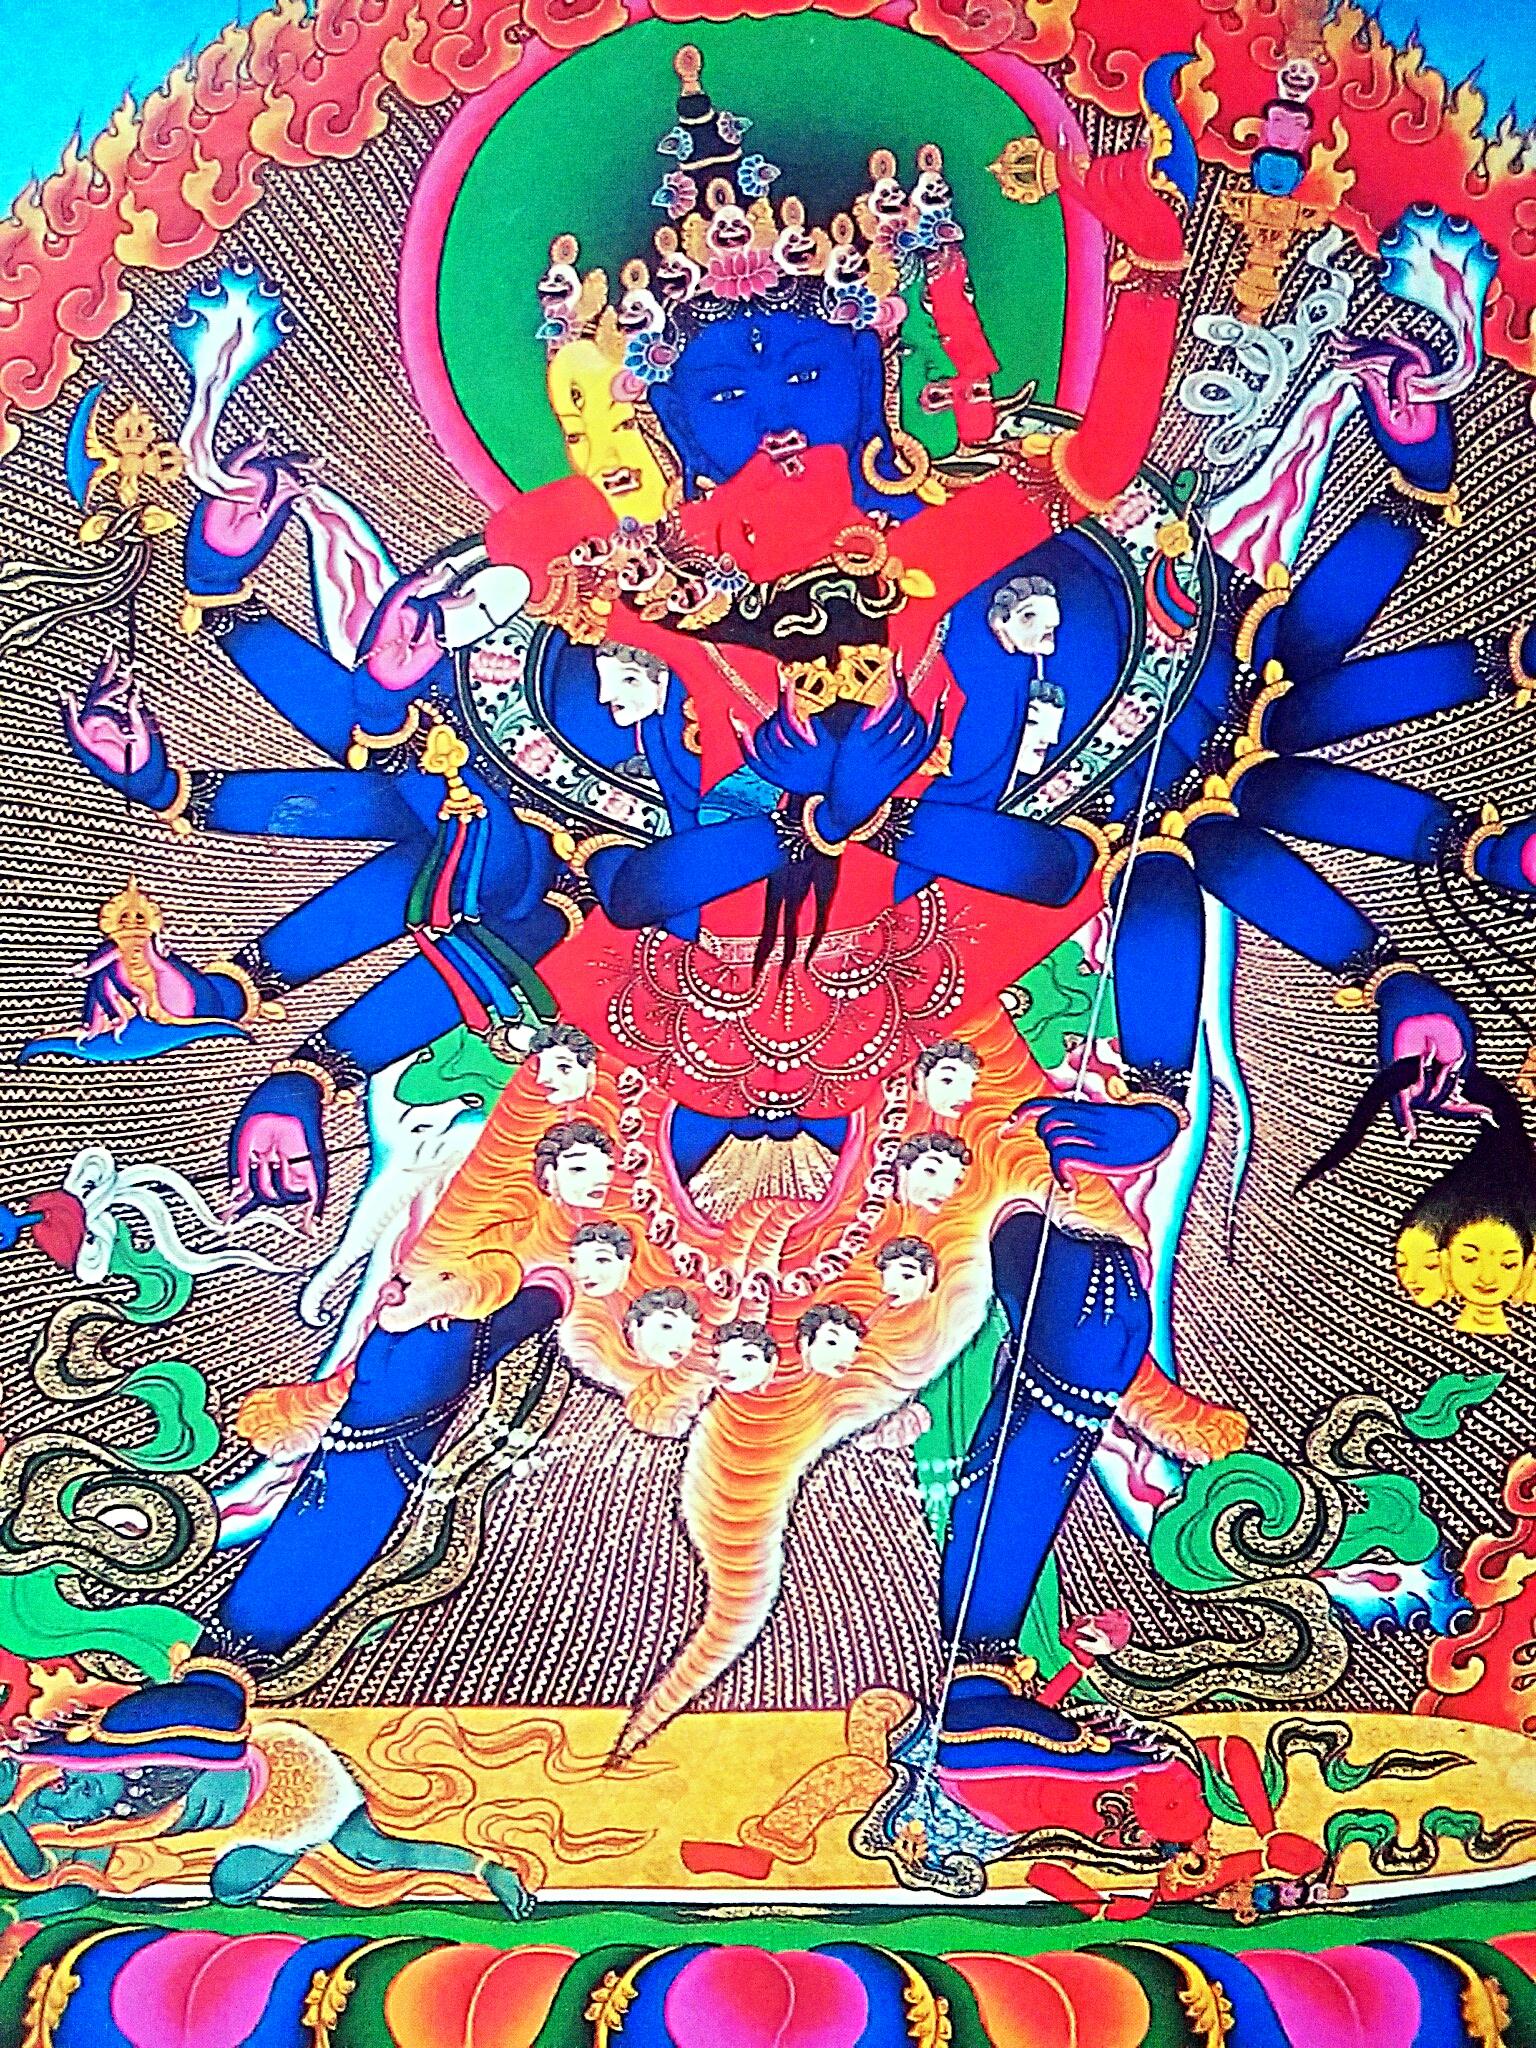 仏様は男?女?チベット仏教でみる仏達の性別とは?